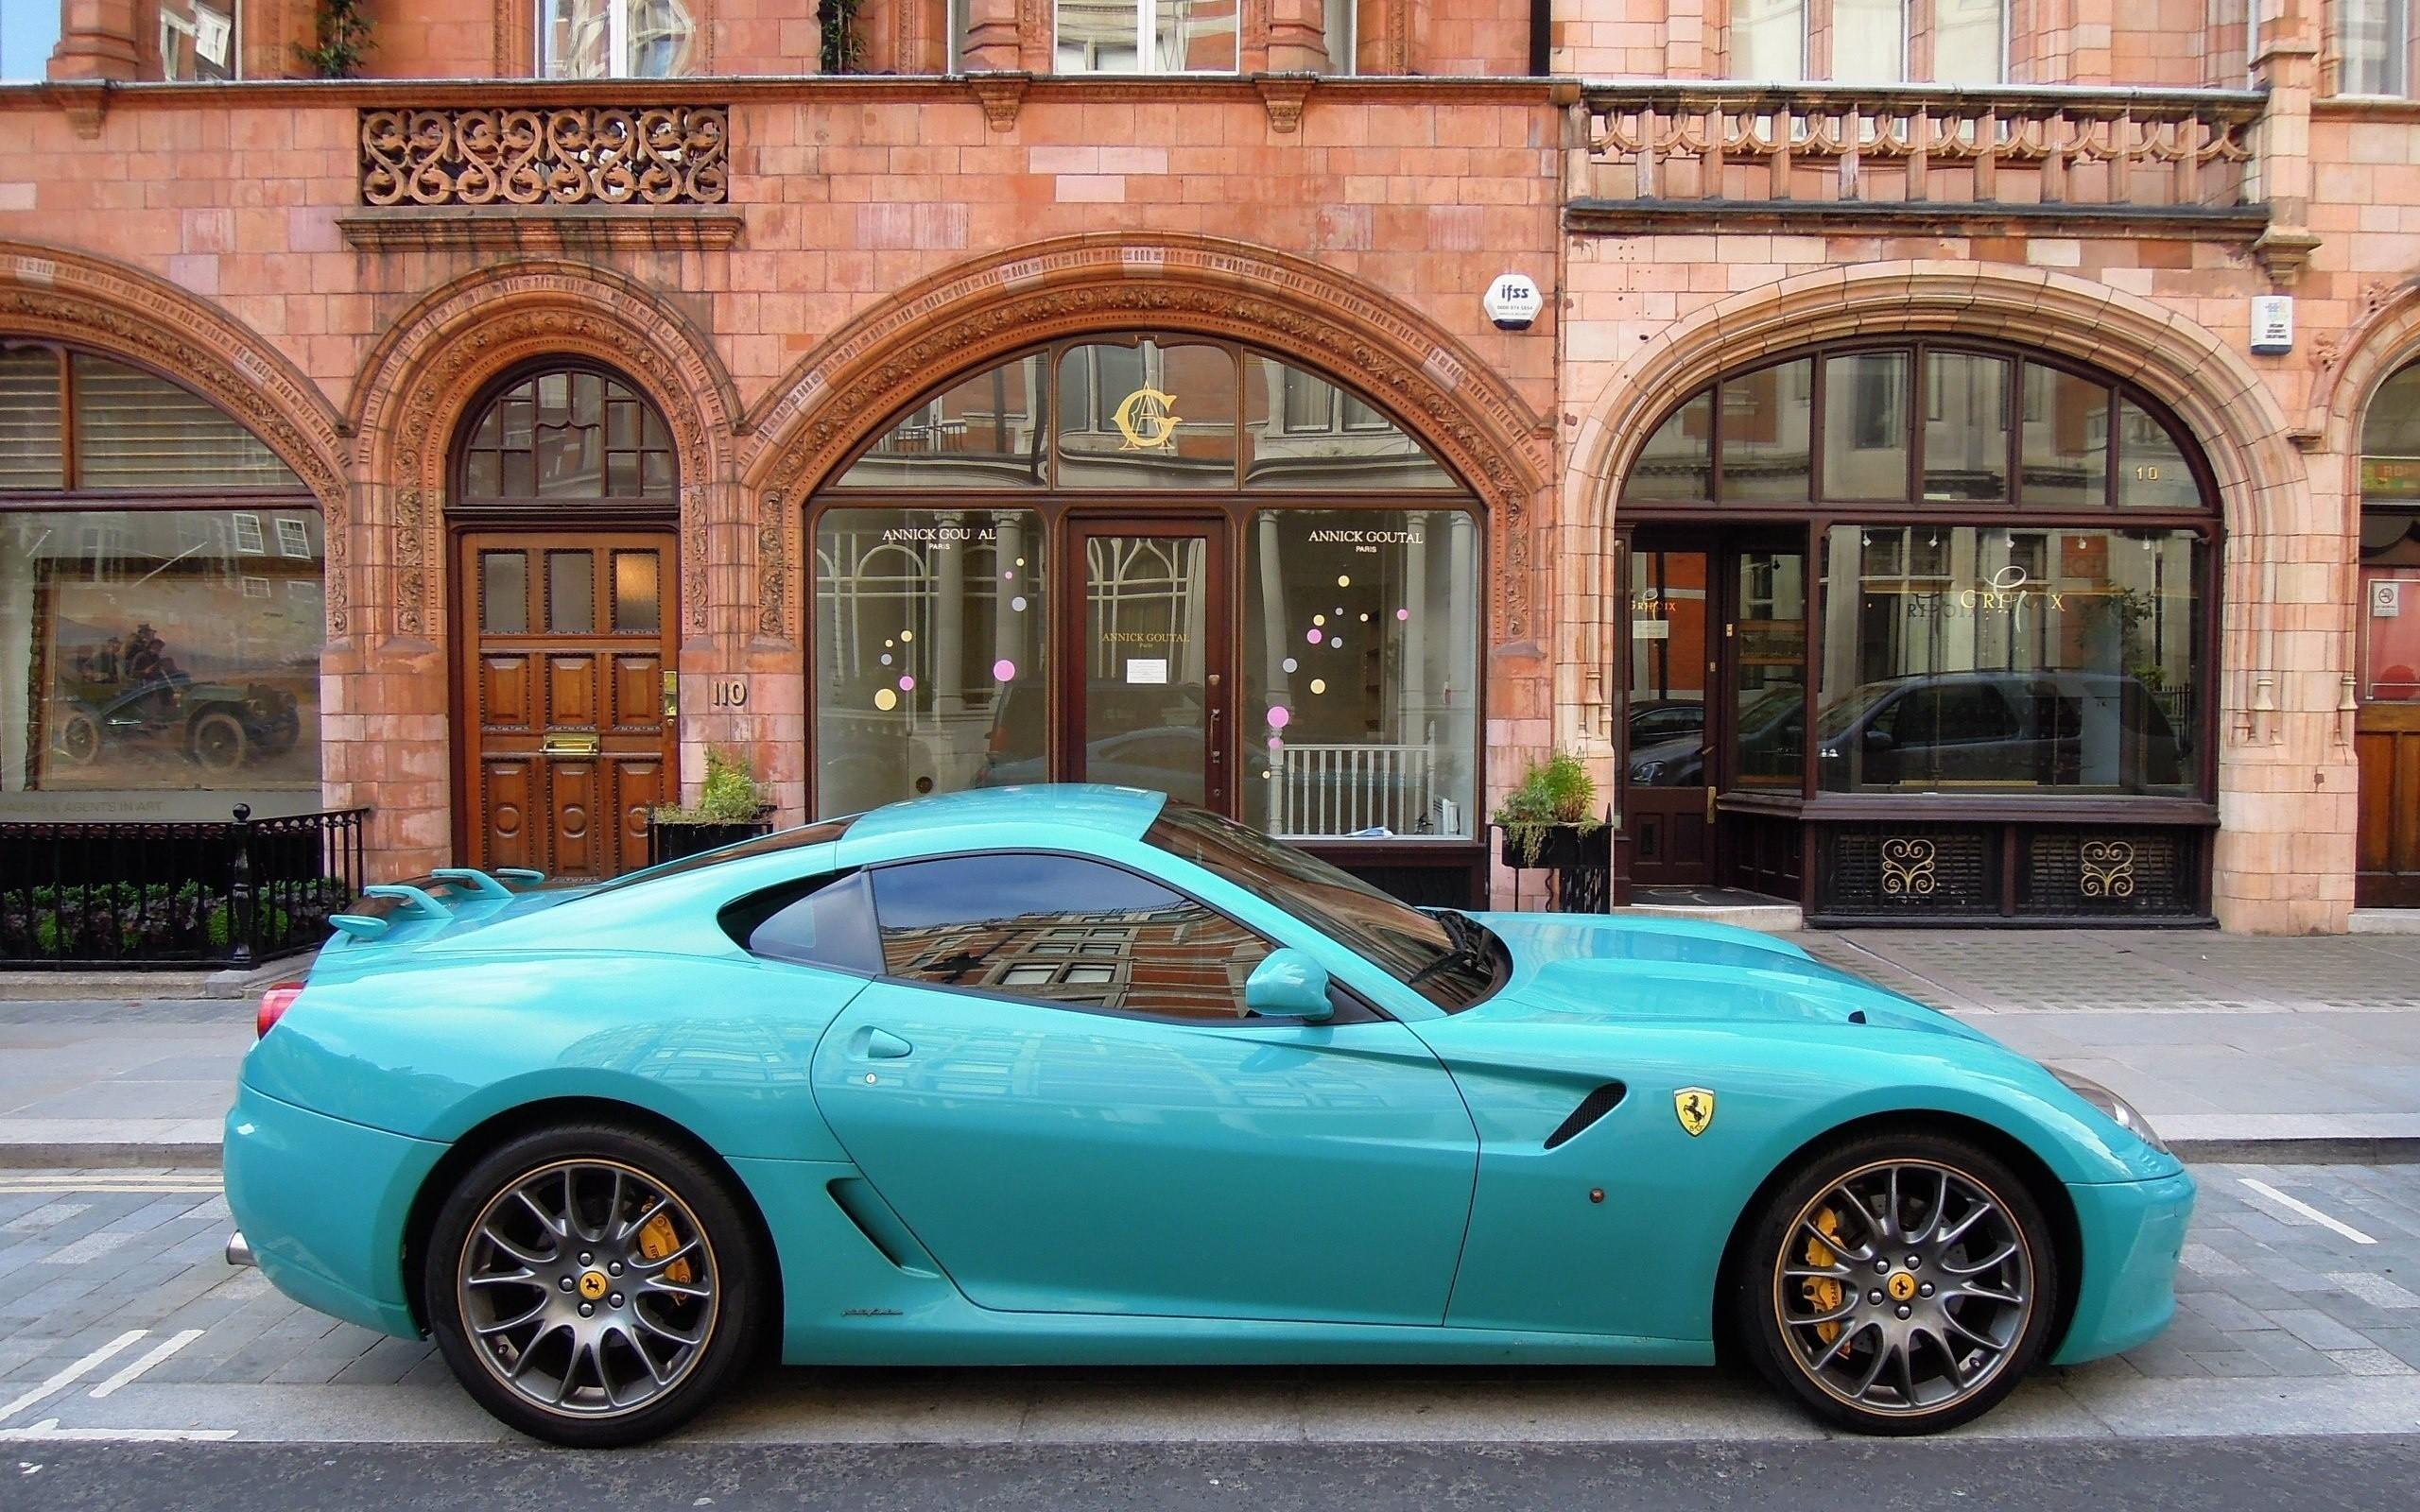 Ferrari Aqua Blue wallpaper